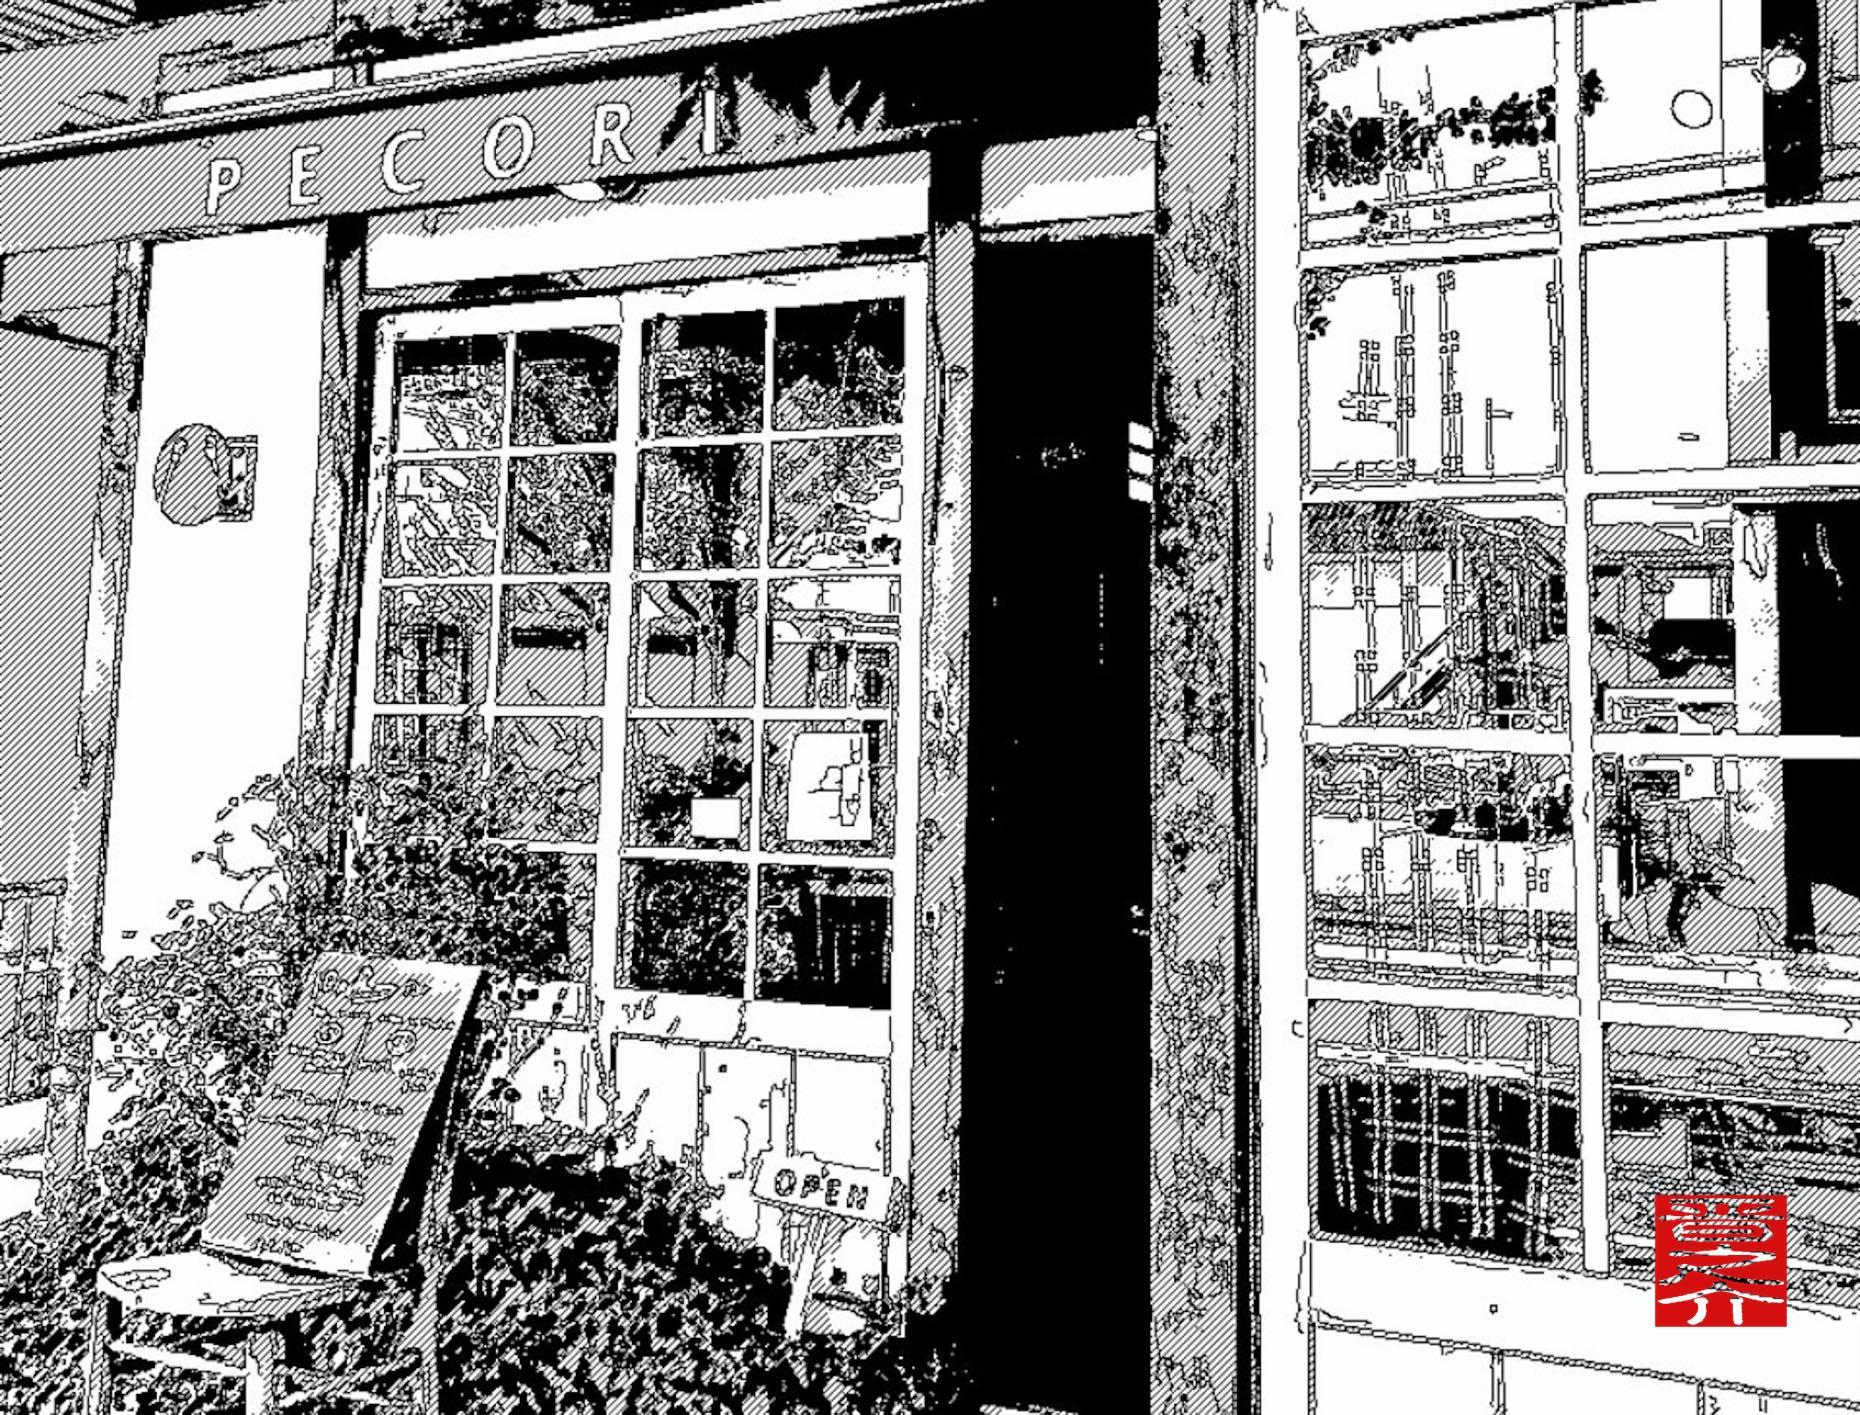 名東区の食堂Pecori(ペコリ)さん。開店と同時に女性客で満席に!野菜をふんだんに使ったランチが大人気!